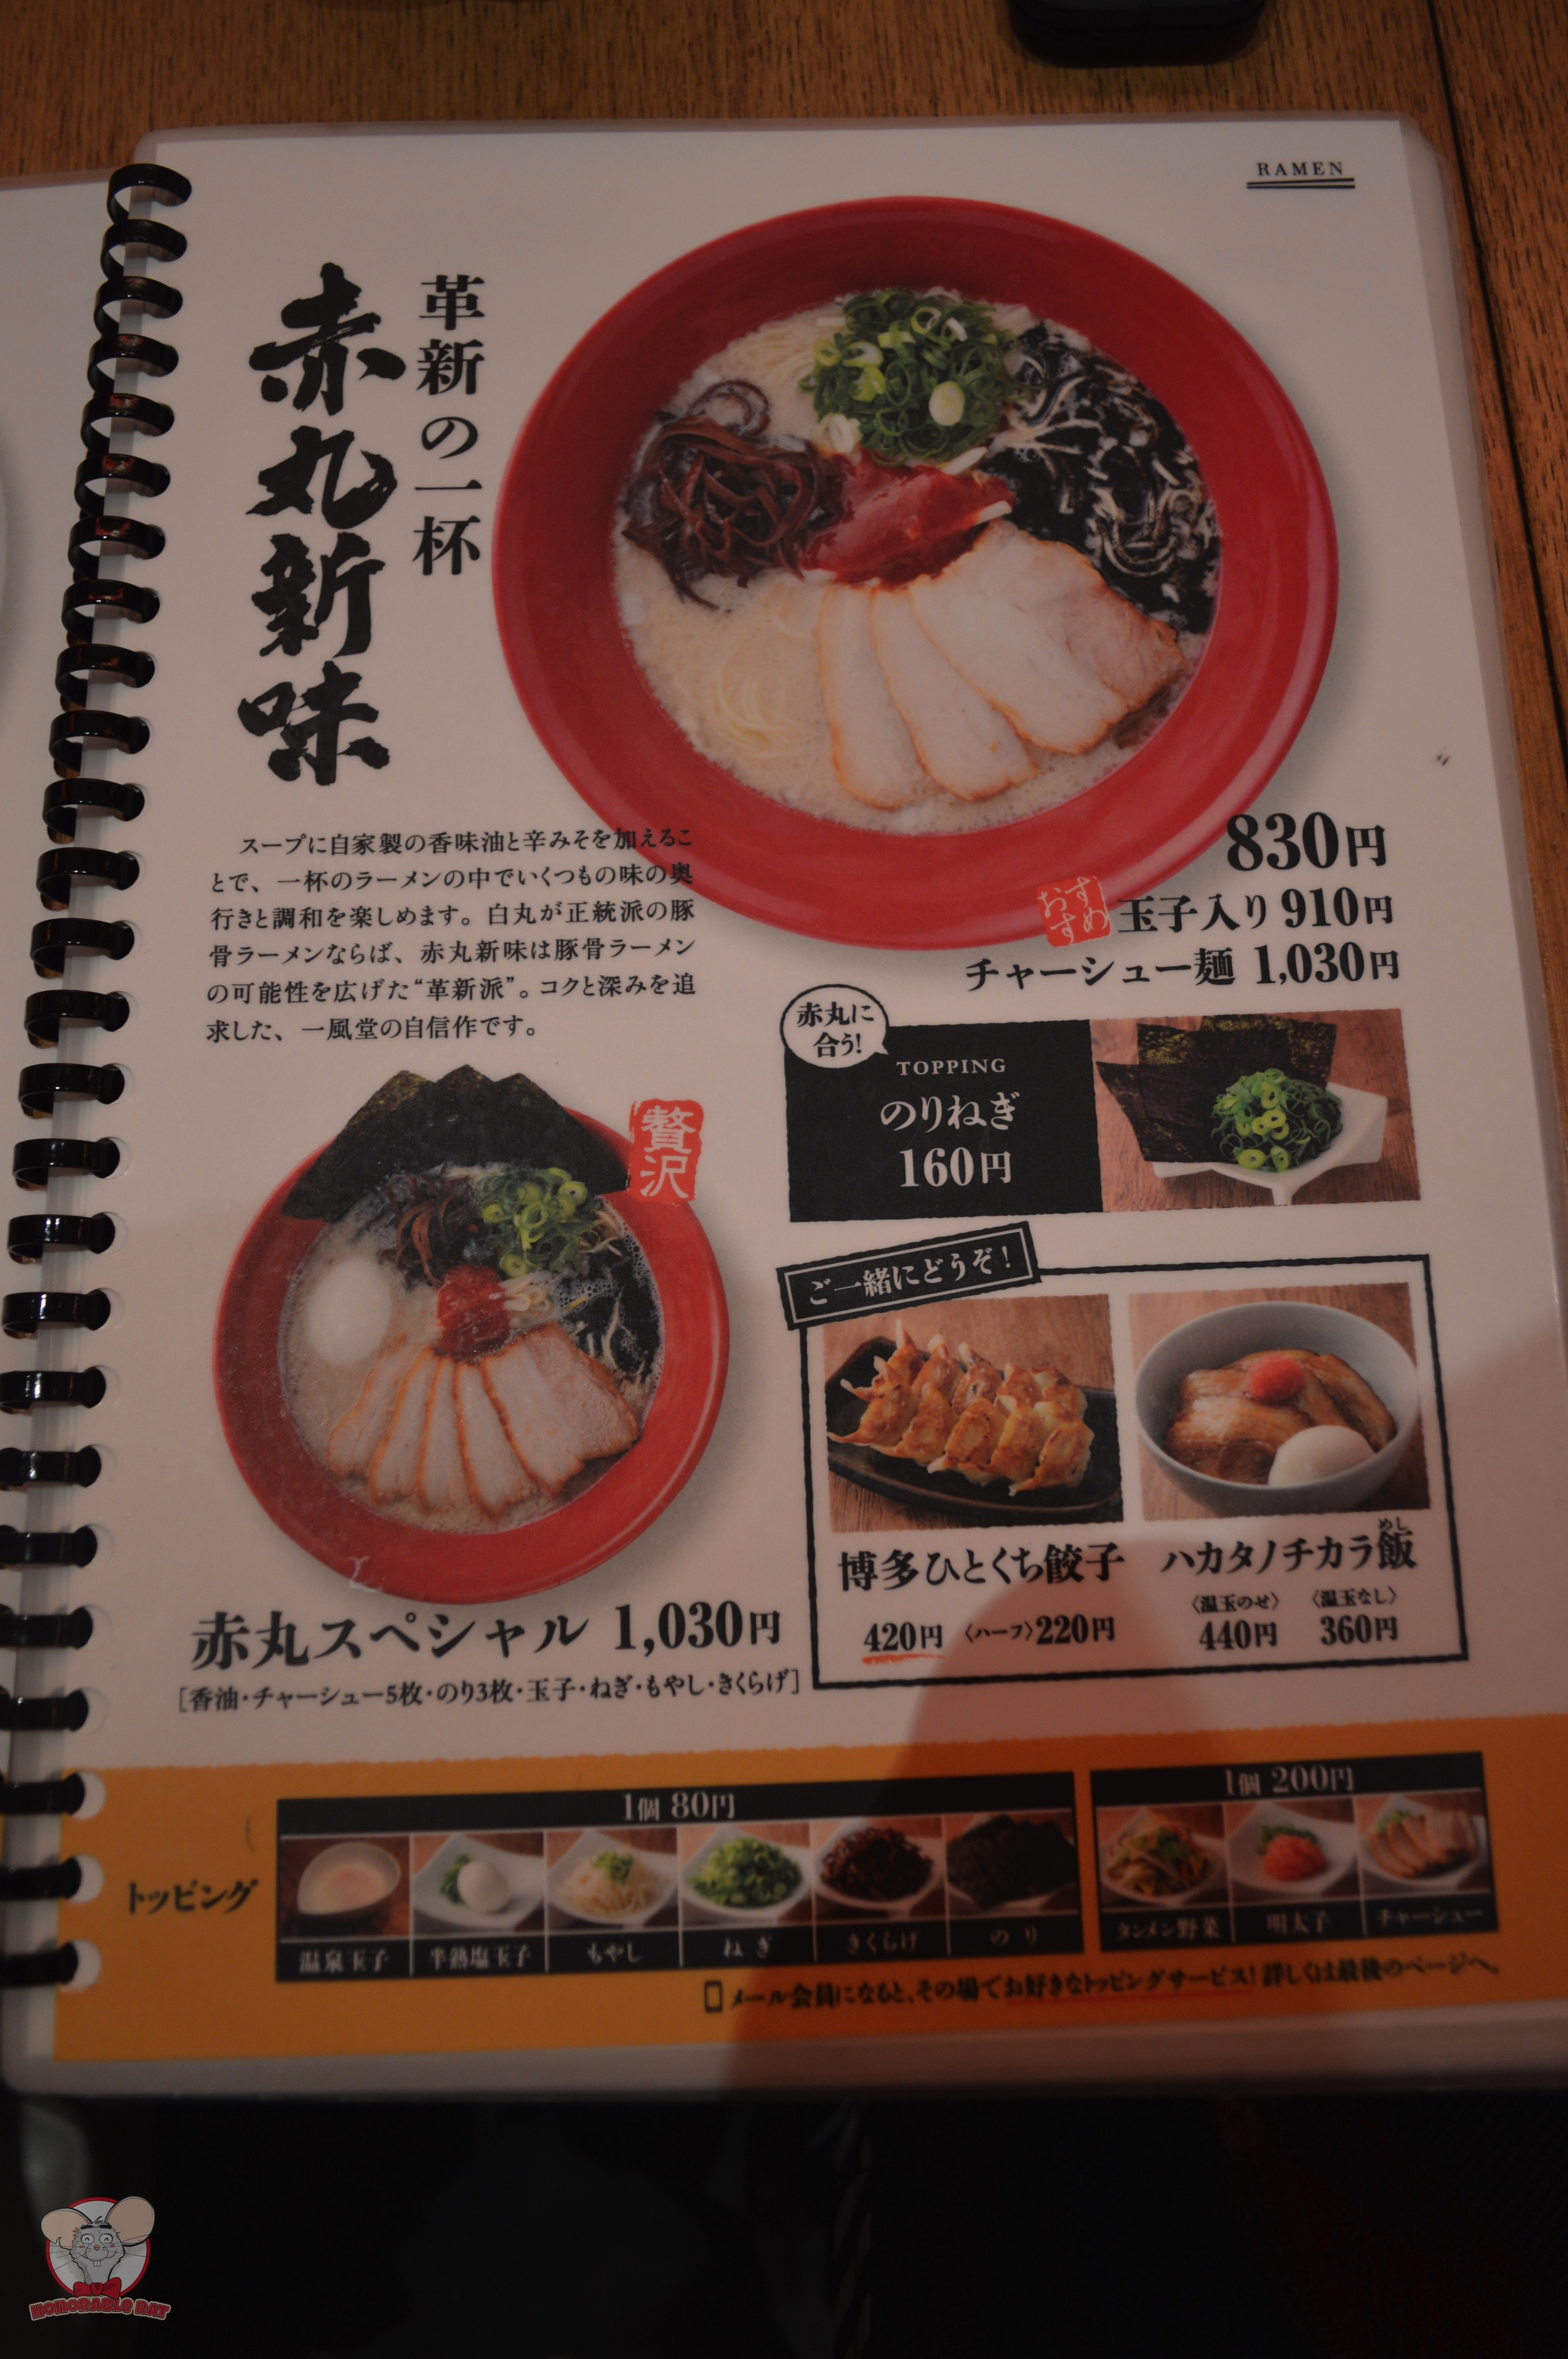 Akamaru: 830 yen for a basic bowl (leek, sliced mushrooms and bean sprouts)          910 yen for a basic bowl with an egg          1030 yen for a basic bowl with char siew          1030 yen for the special (basic bowl plus char siew, an egg and seaweed)